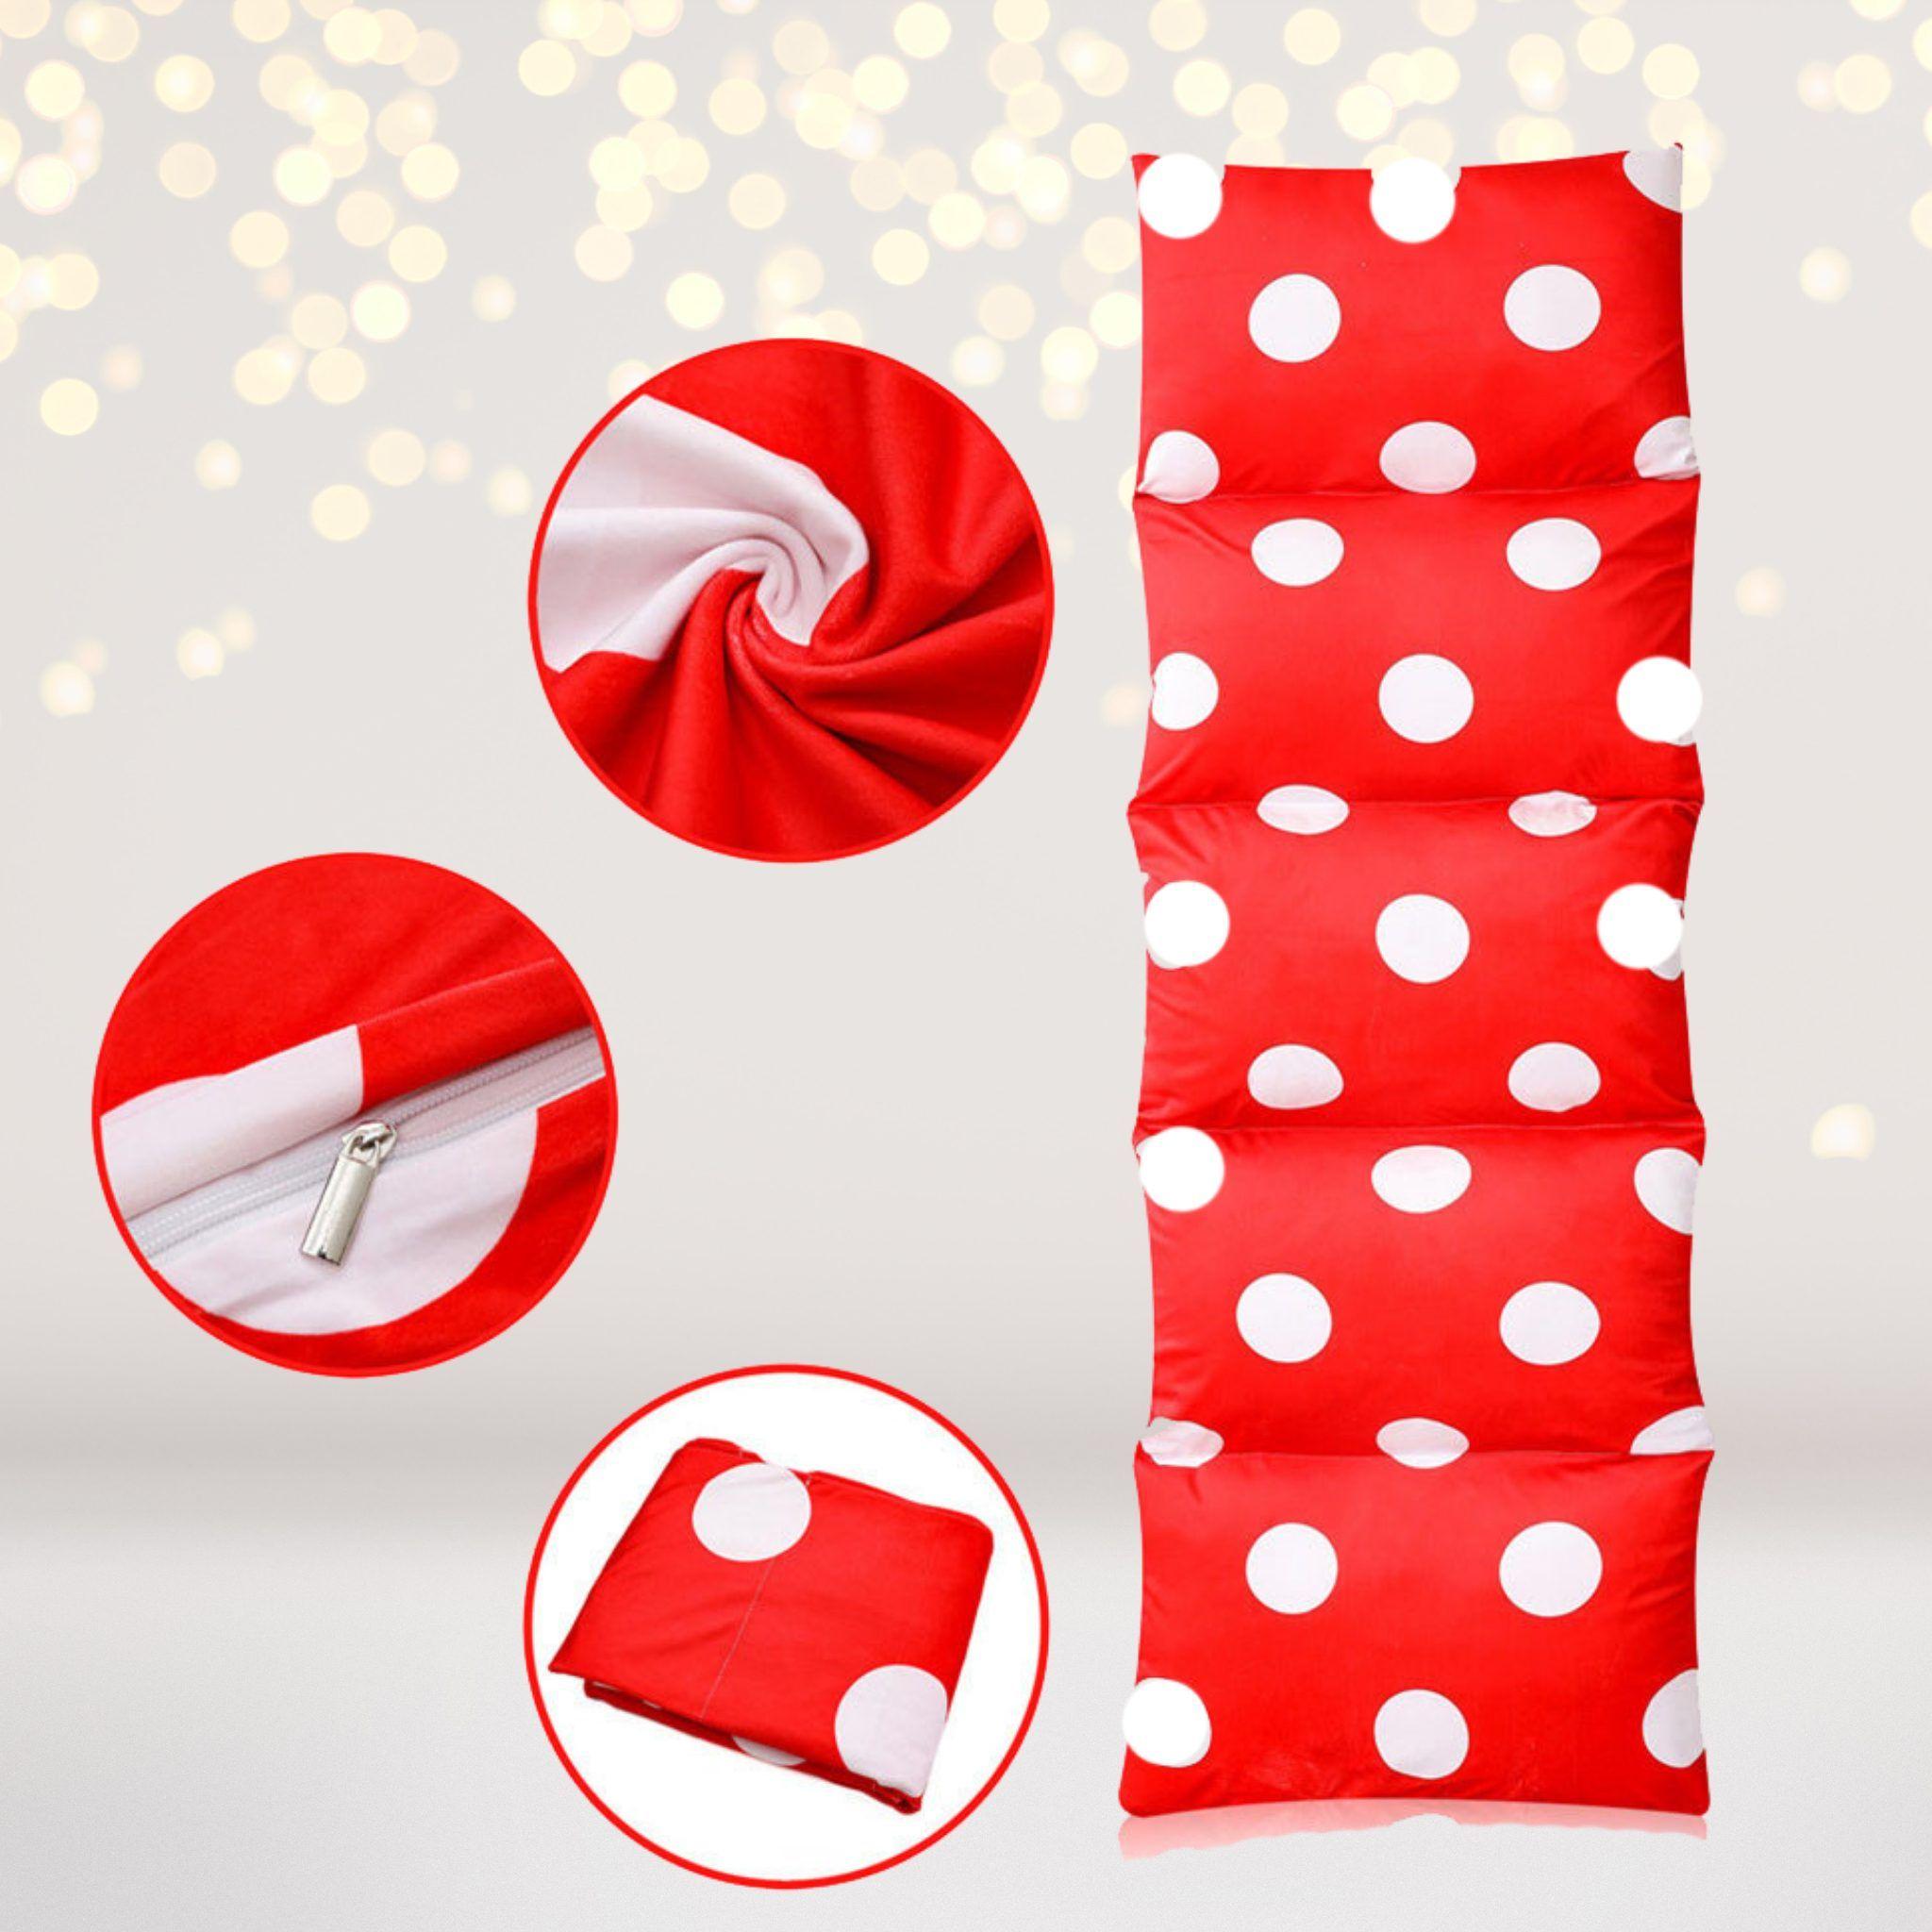 Red Polka Dot Pillow Bed Case, Caterpillar Floor Lounger - Default Title